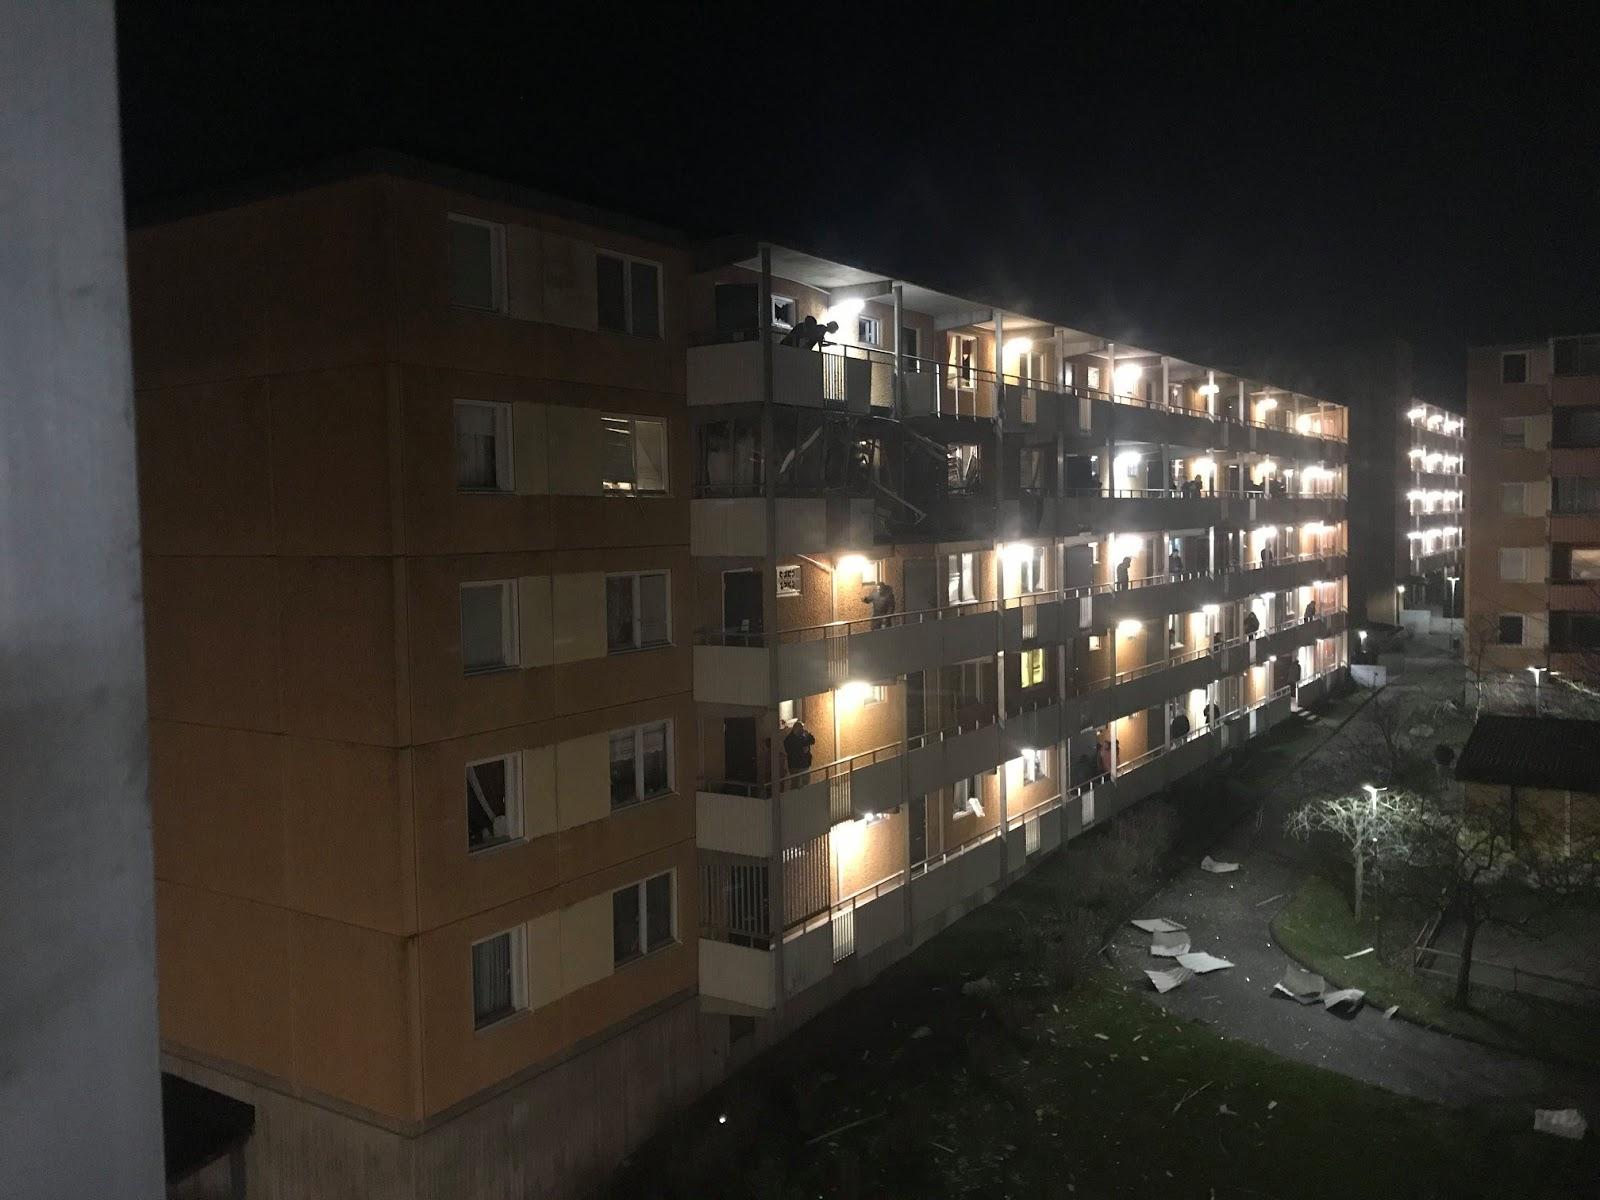 Daudzstāvu ēka pēc sprādziena